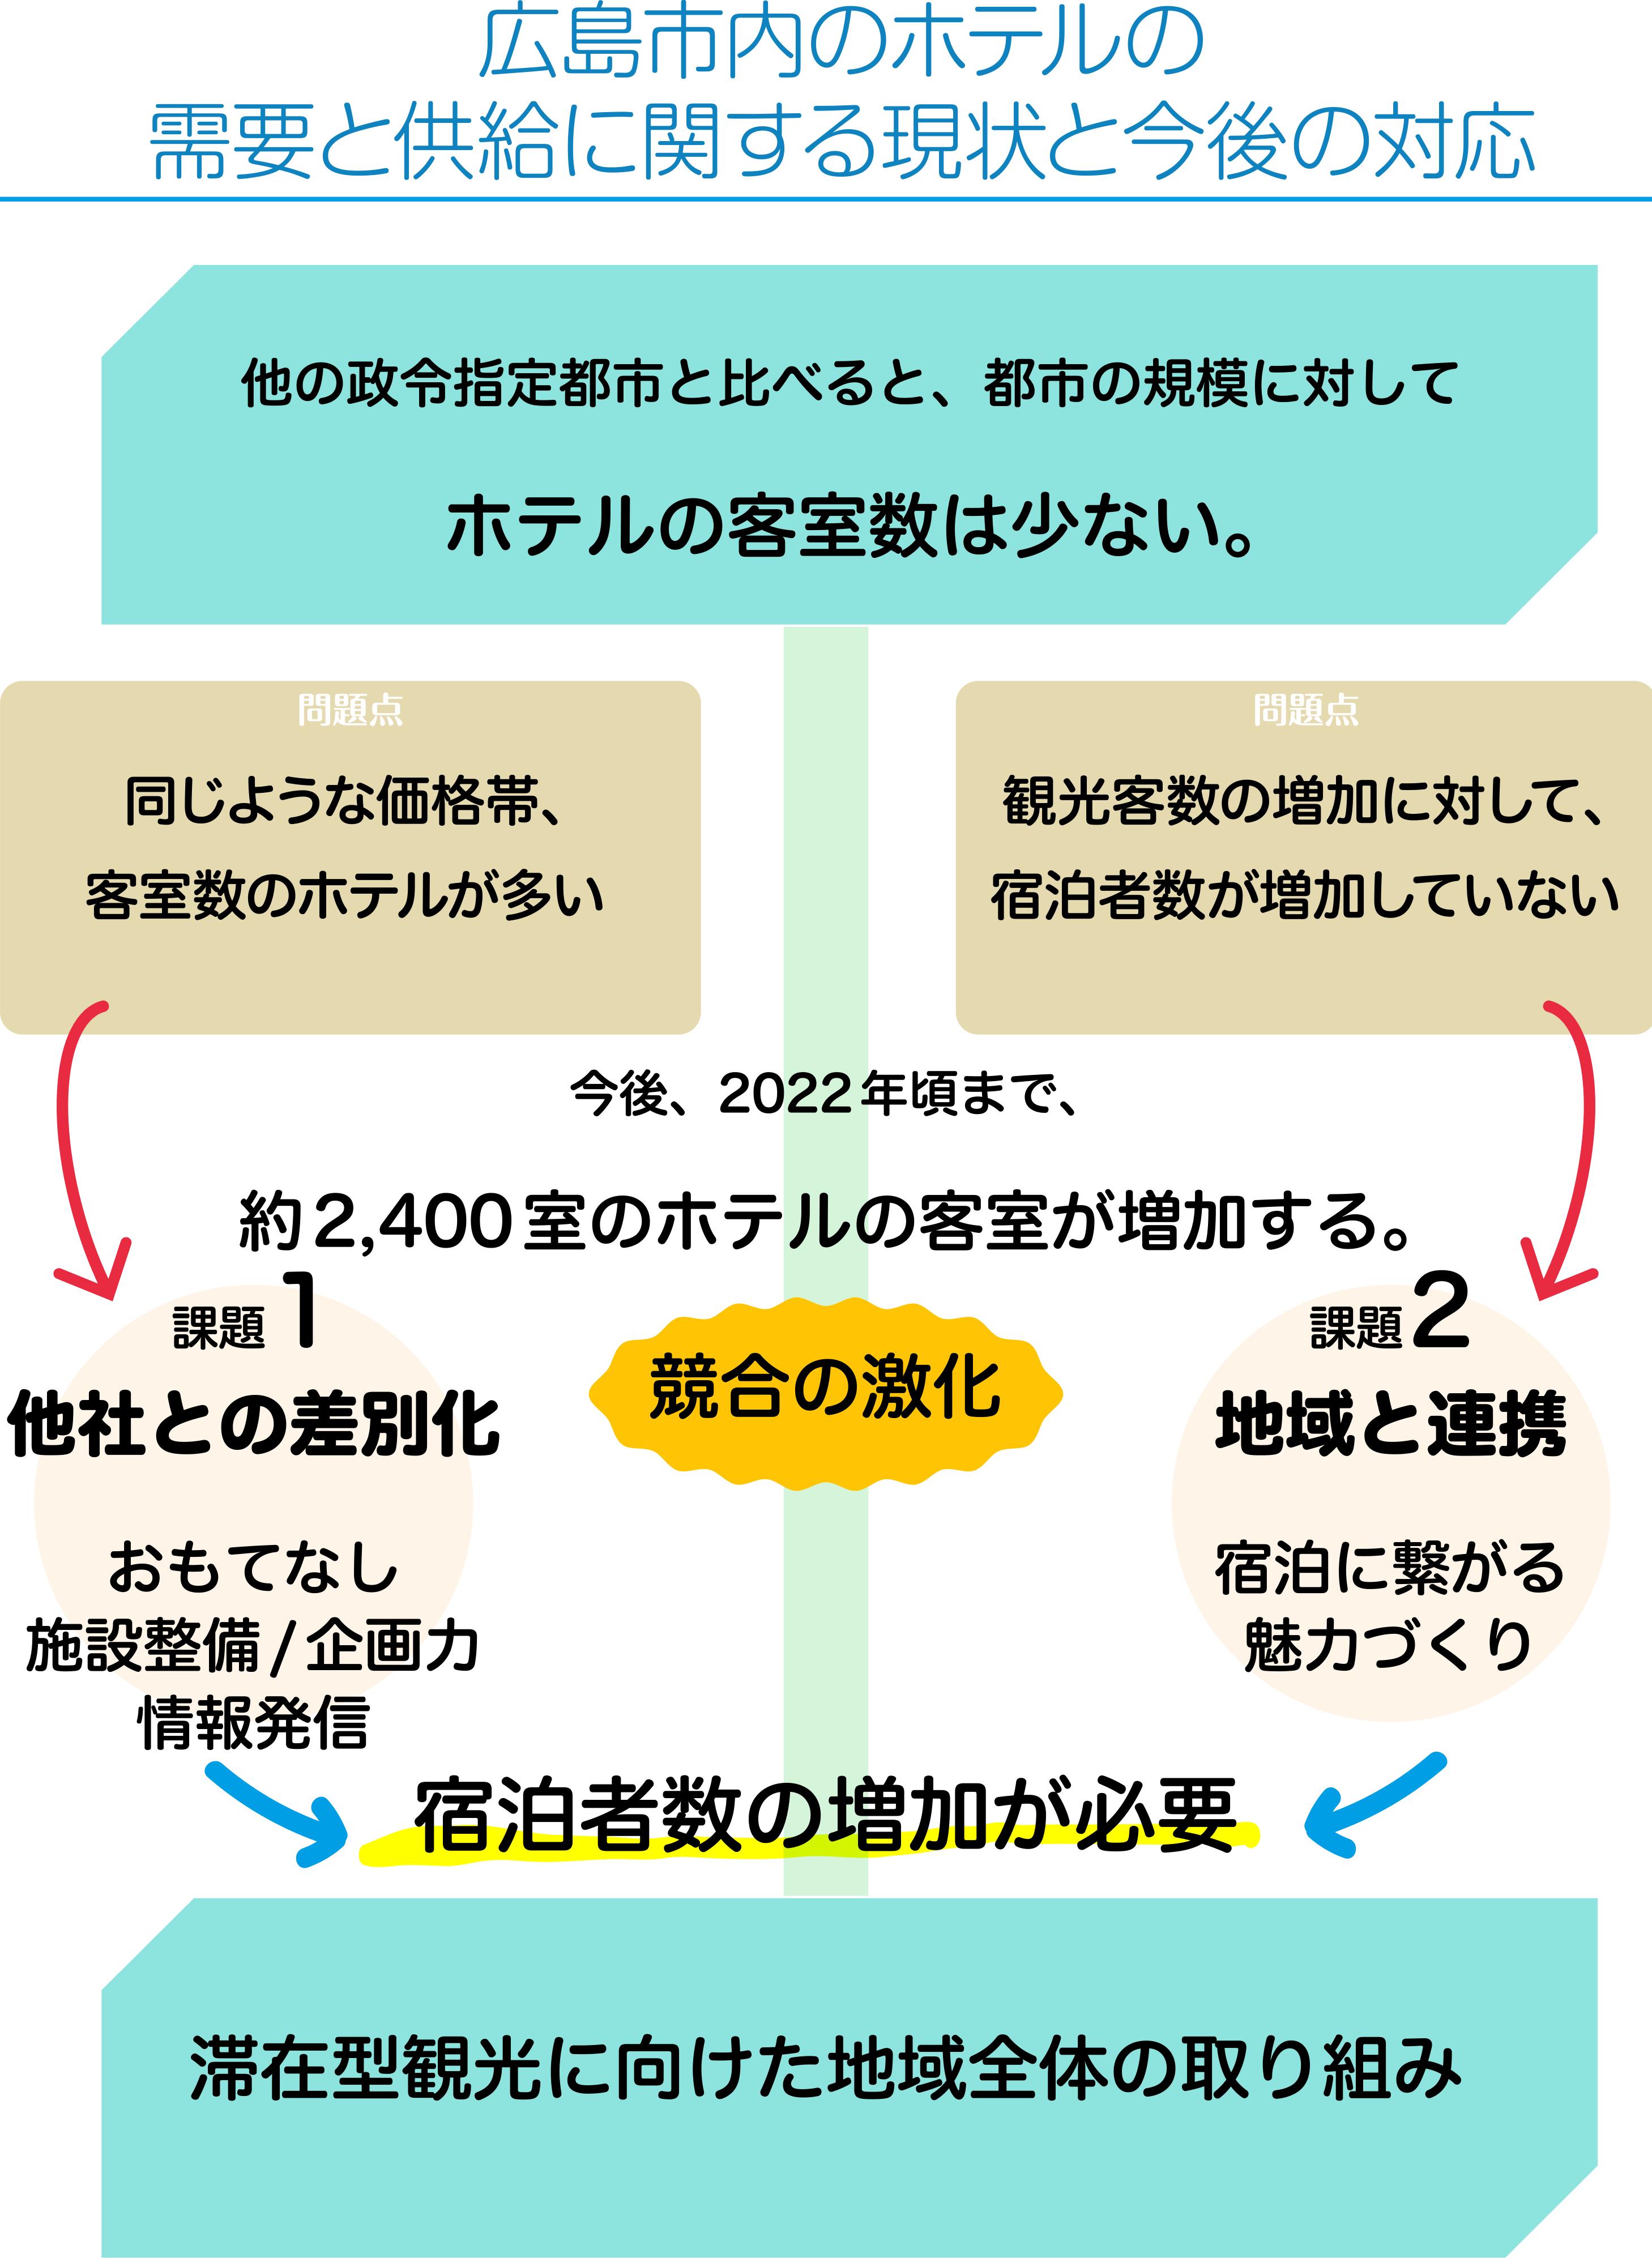 広島市内のホテルの需要と供給に関する現状と今後の対応